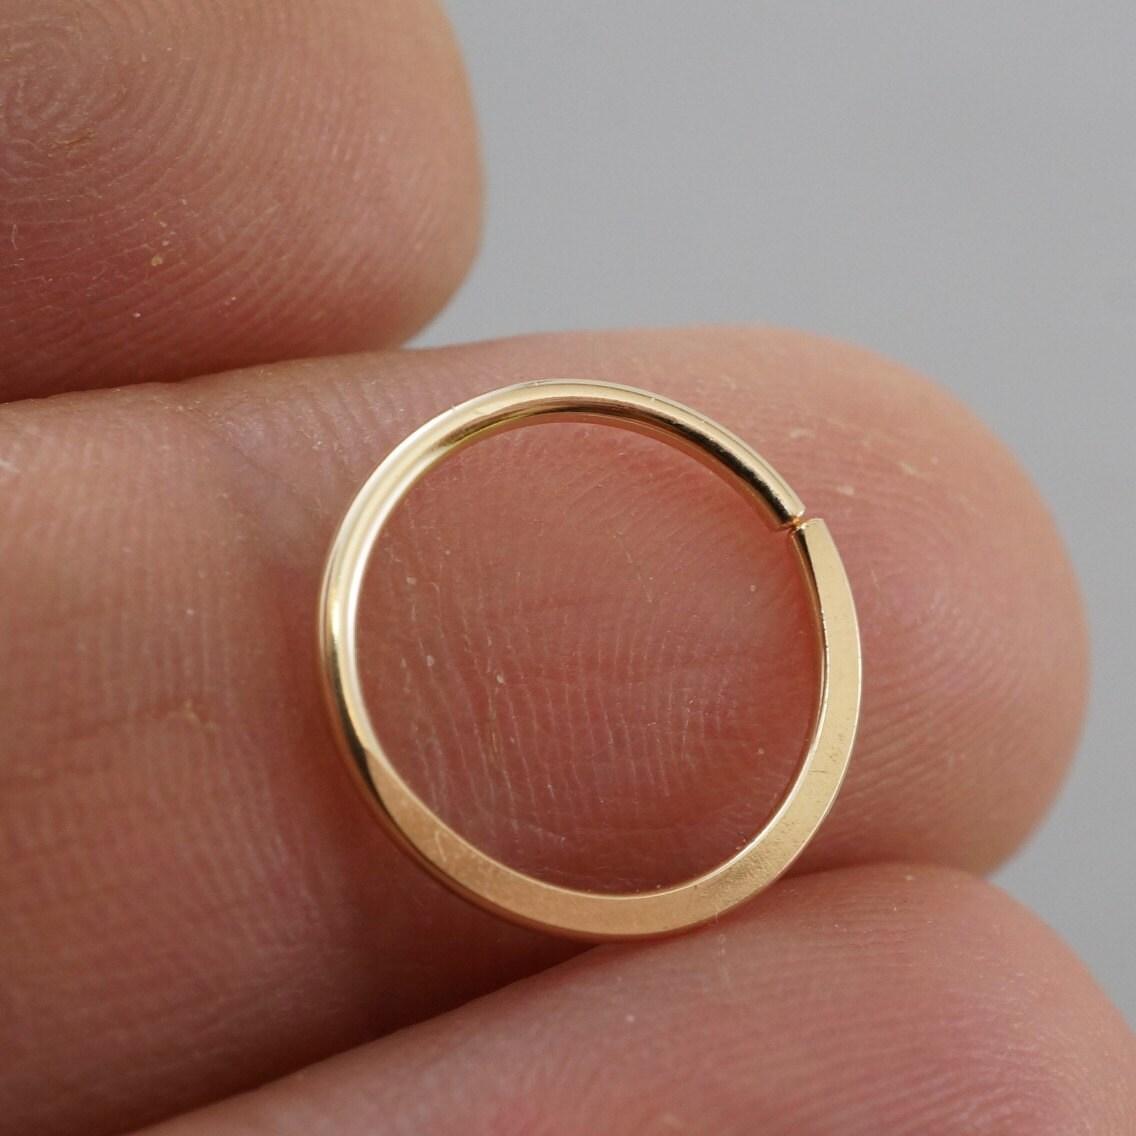 SEPTUM RING - Cartilage hoop. 18g - piercing ring - endless hoop ...